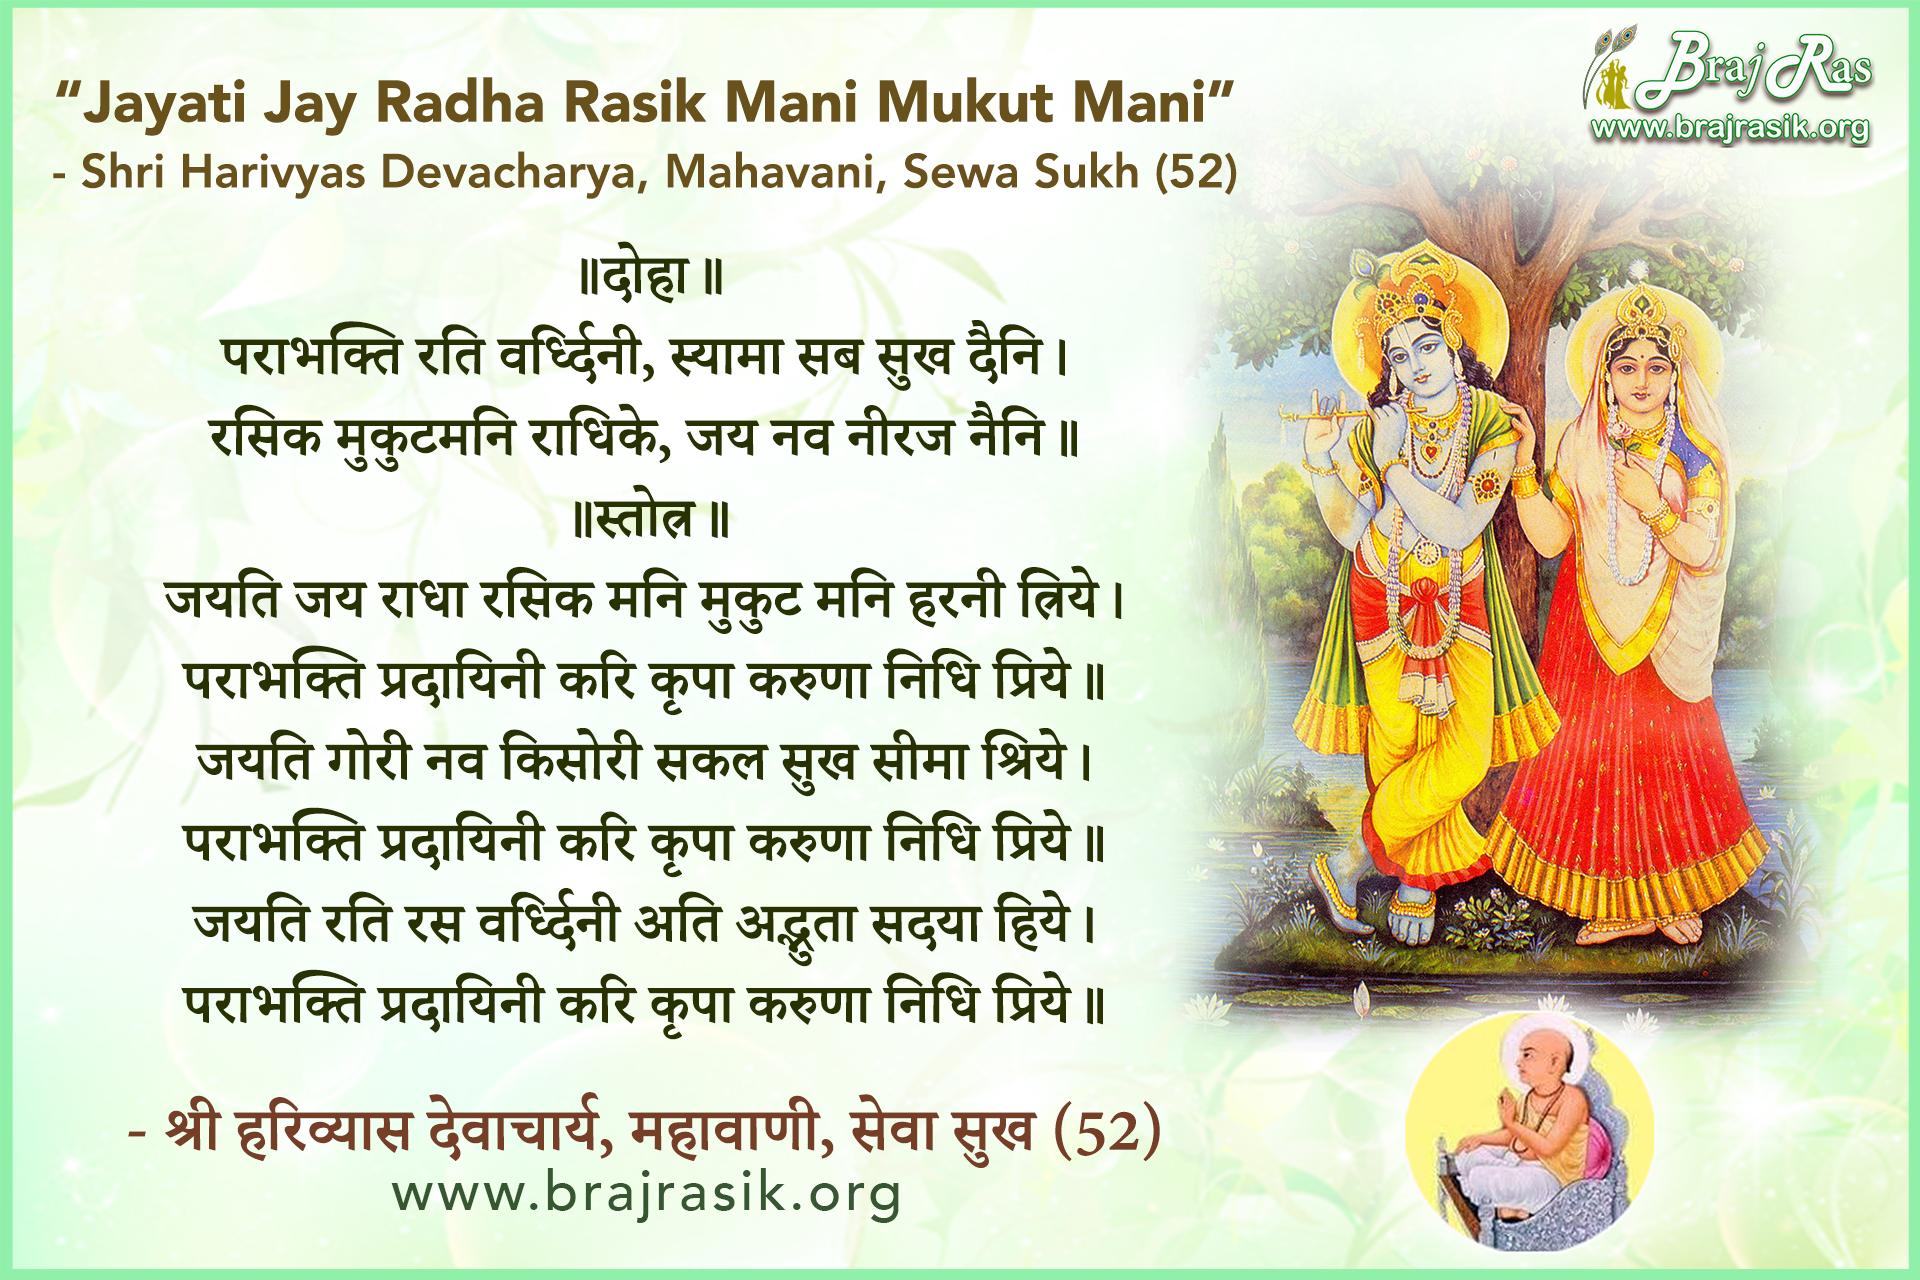 Jayati Jay Radha Rasik Mani Mukut Mani - Shri Harivyas Devacharya, Mahavani, Seva Sukh (52)